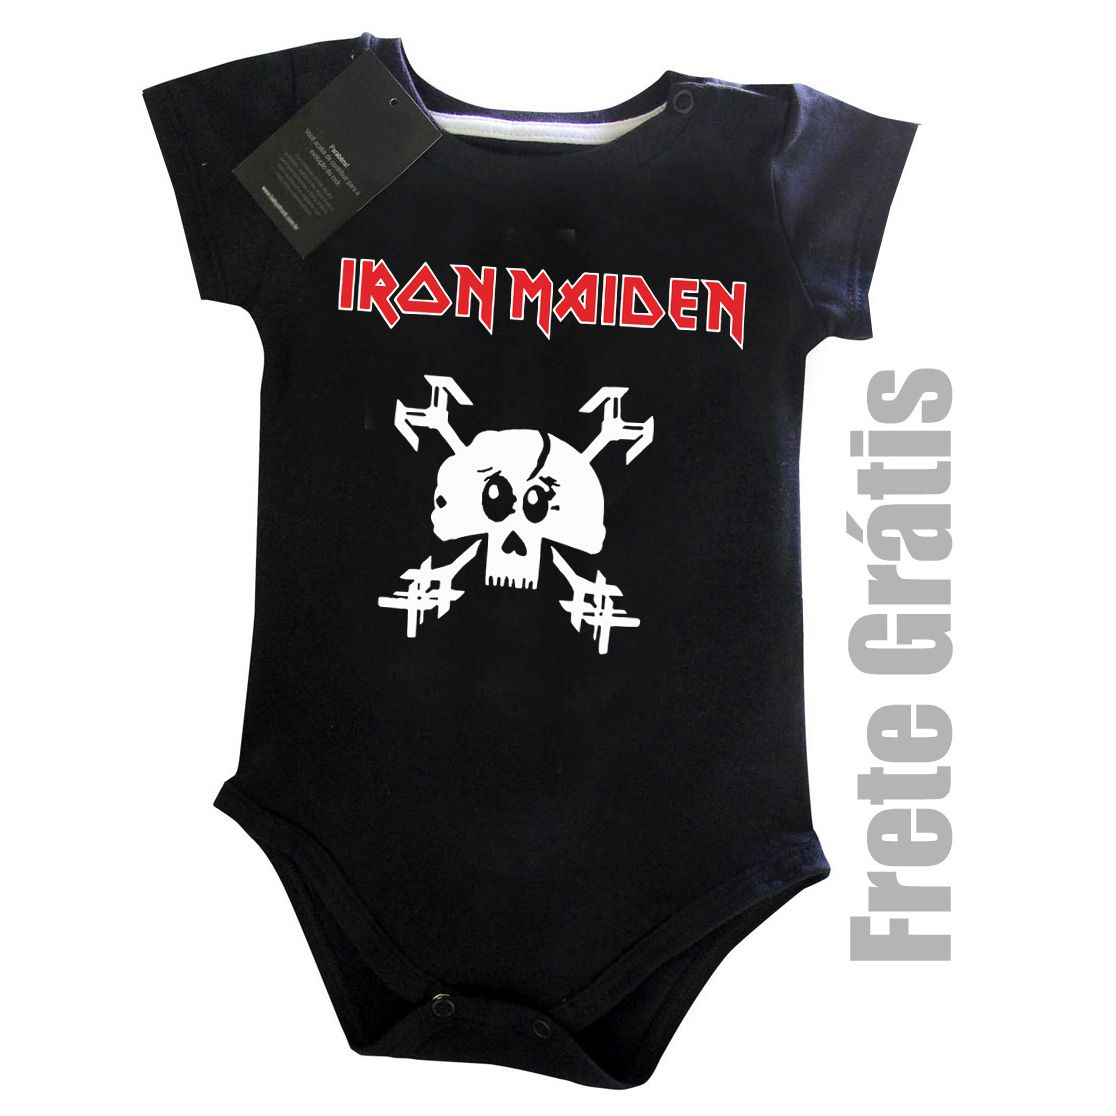 Body Bebe Rock Iron Maiden -  Skull - Black  - Baby Monster S/A